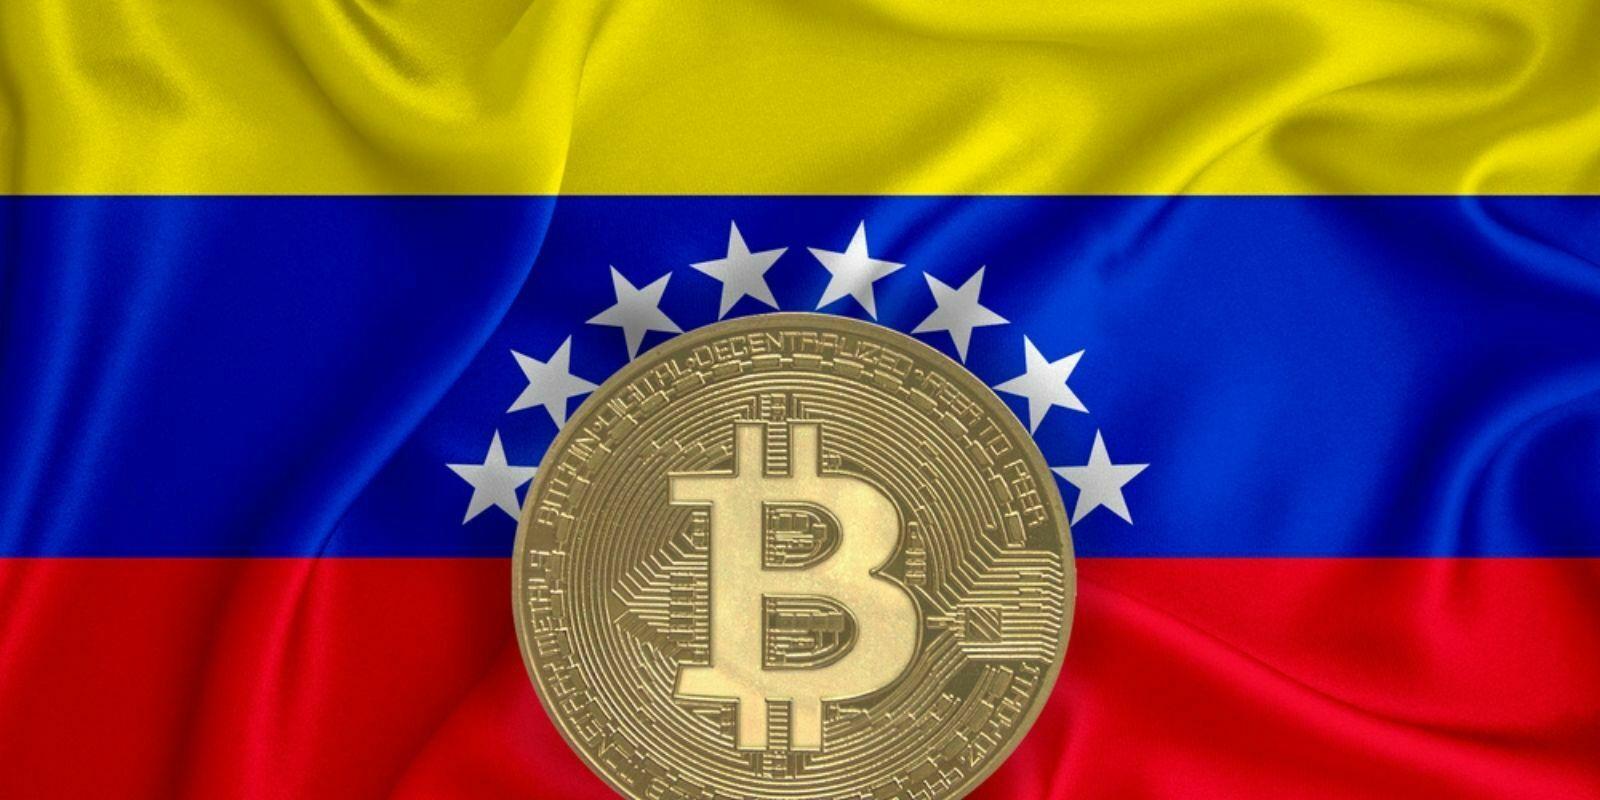 Venezuela: le gouvernement utilise Bitcoin pour payer des entreprises iraniennes et turques